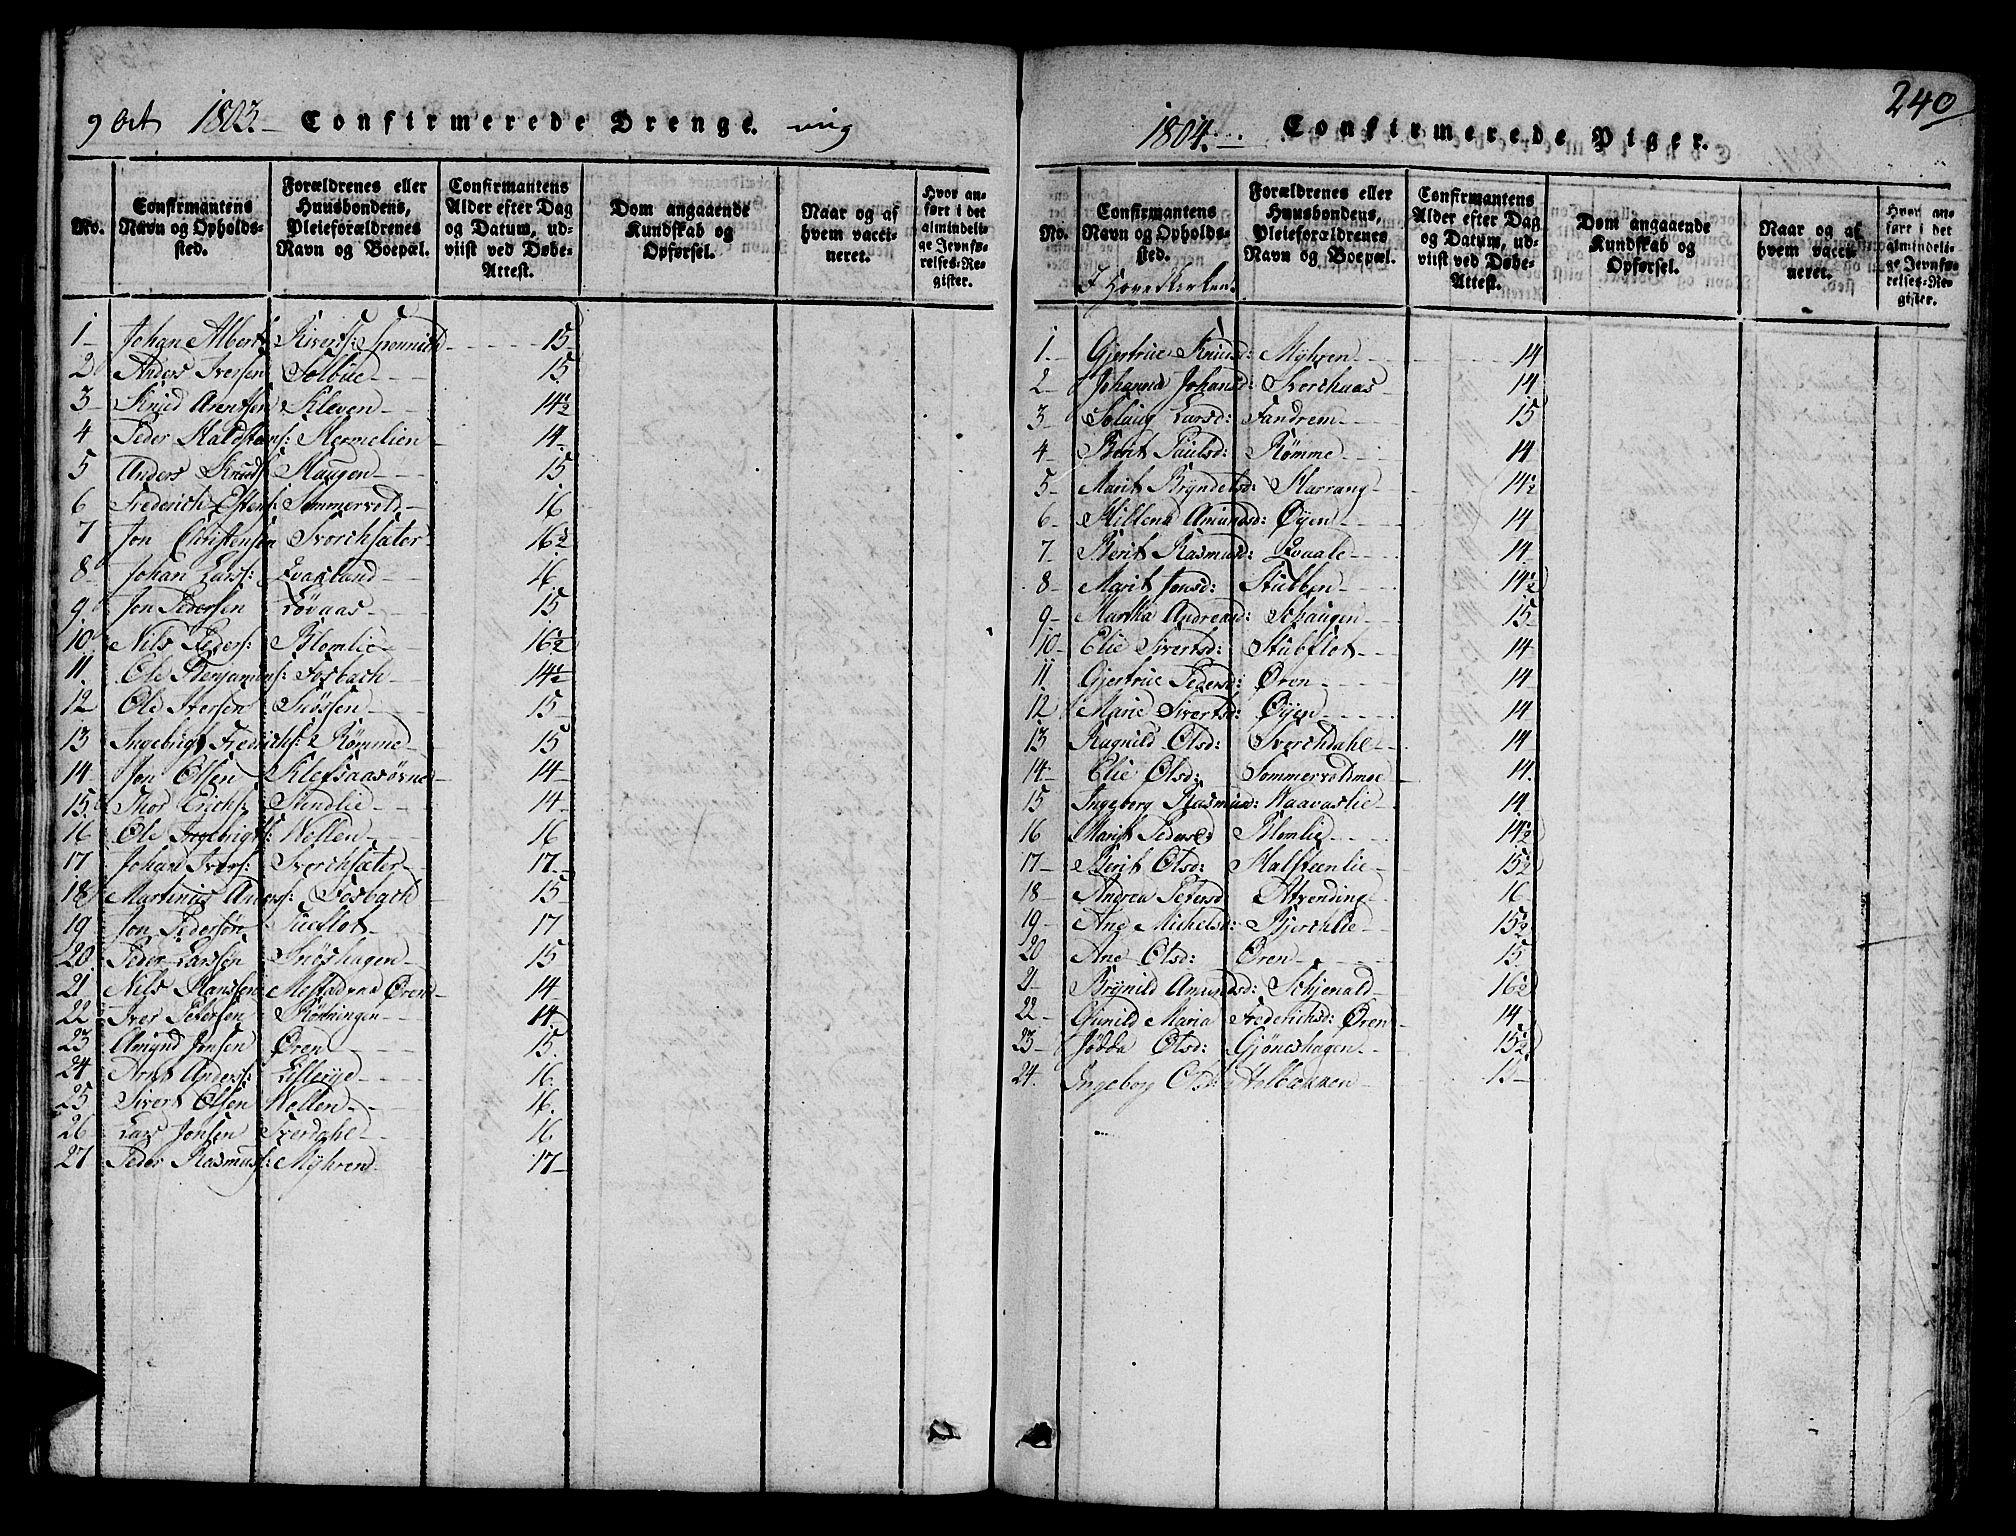 SAT, Ministerialprotokoller, klokkerbøker og fødselsregistre - Sør-Trøndelag, 668/L0803: Ministerialbok nr. 668A03, 1800-1826, s. 240